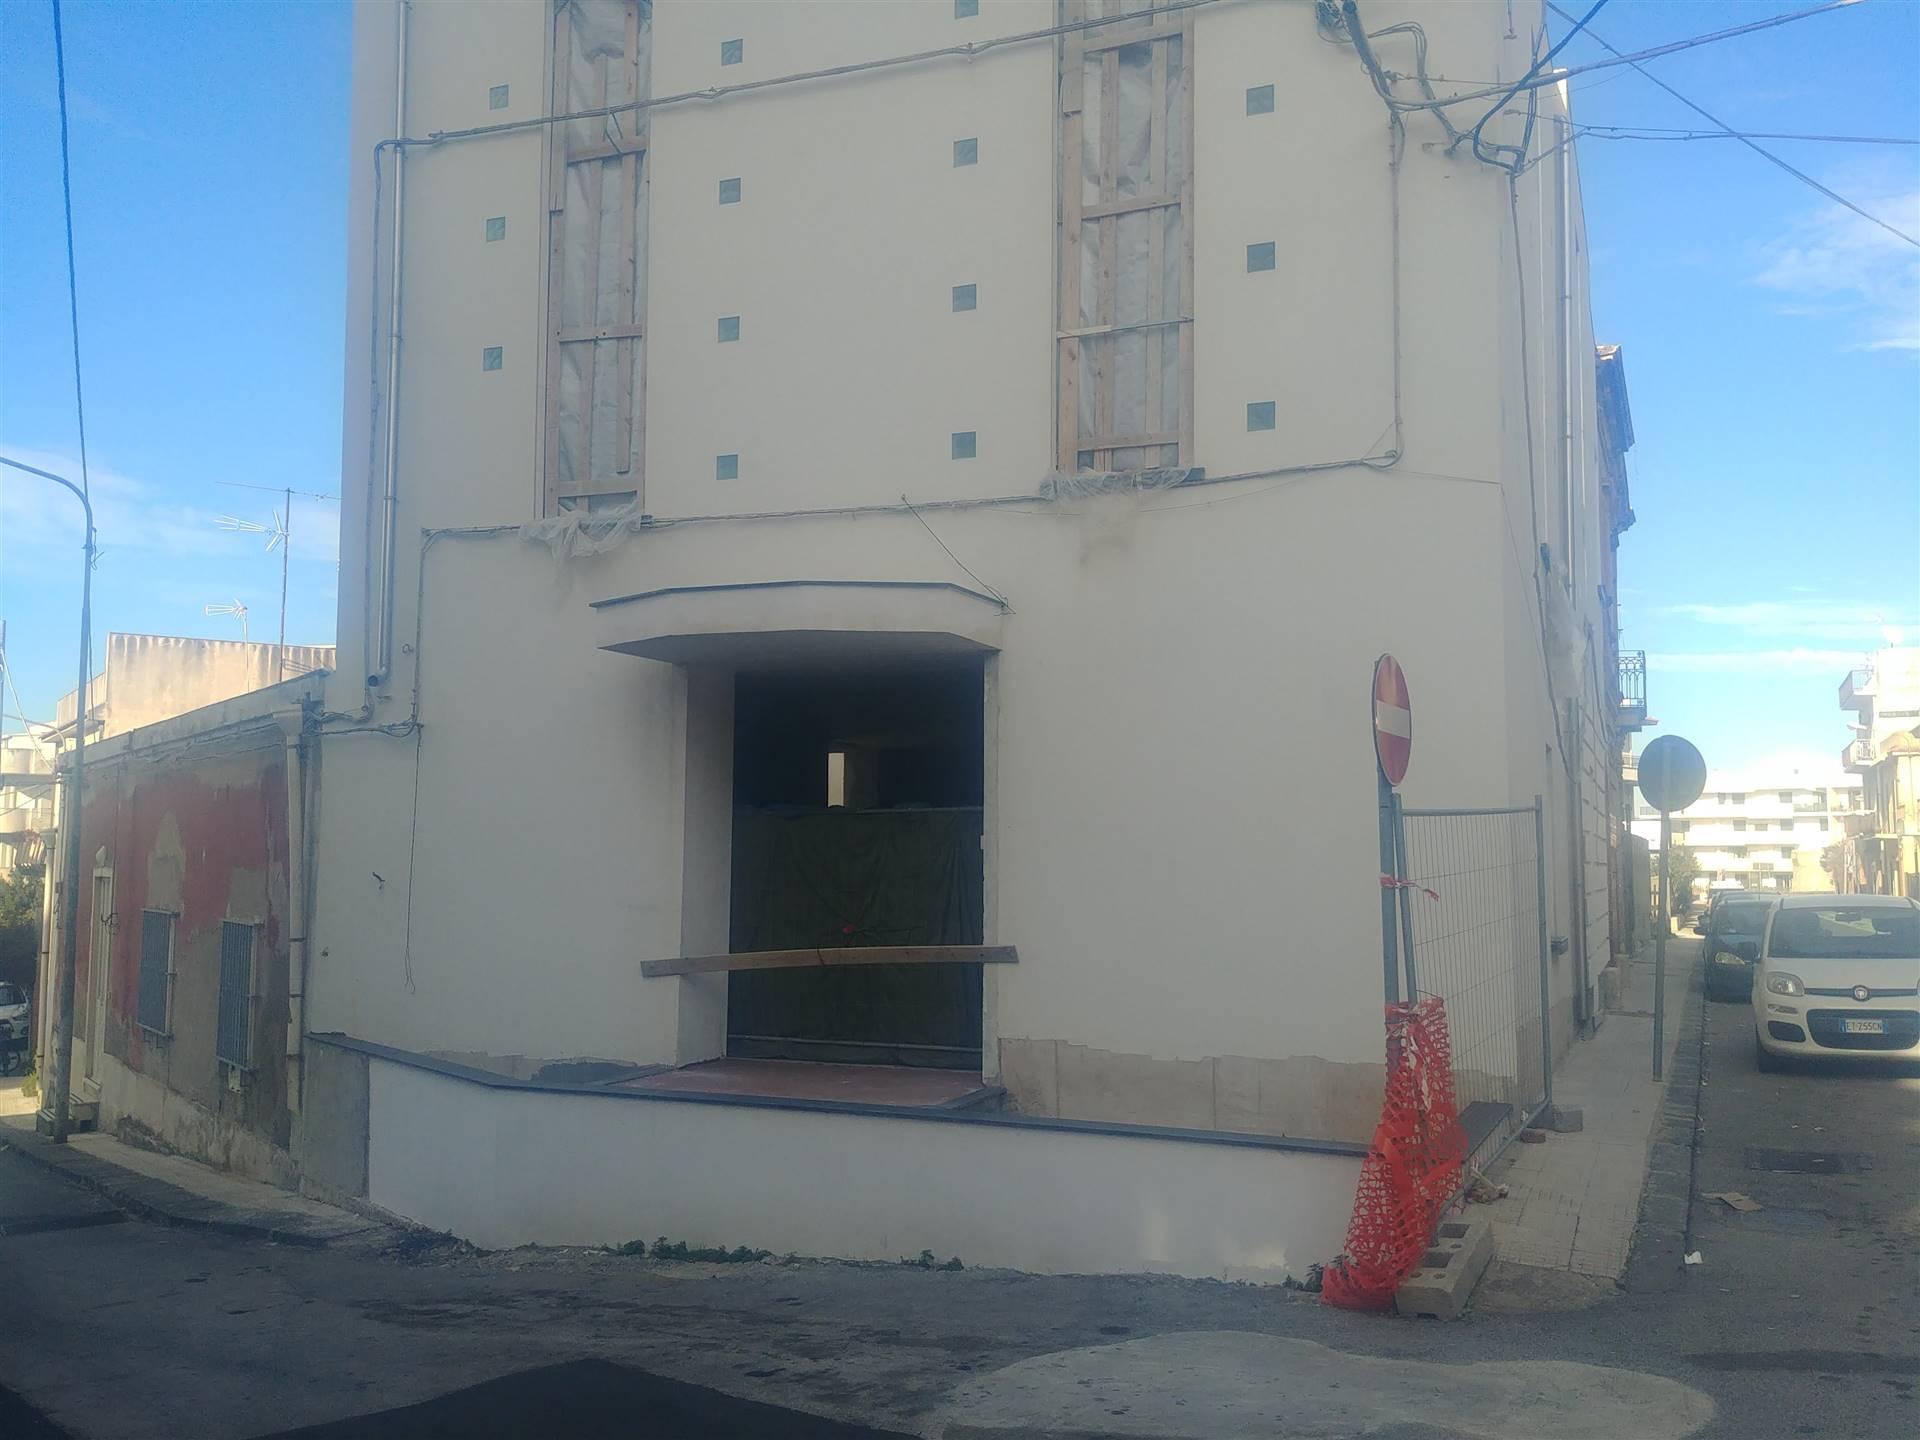 Albergo in vendita a Venetico, 8 locali, zona Zona: Venetico Marina, prezzo € 285.000 | CambioCasa.it